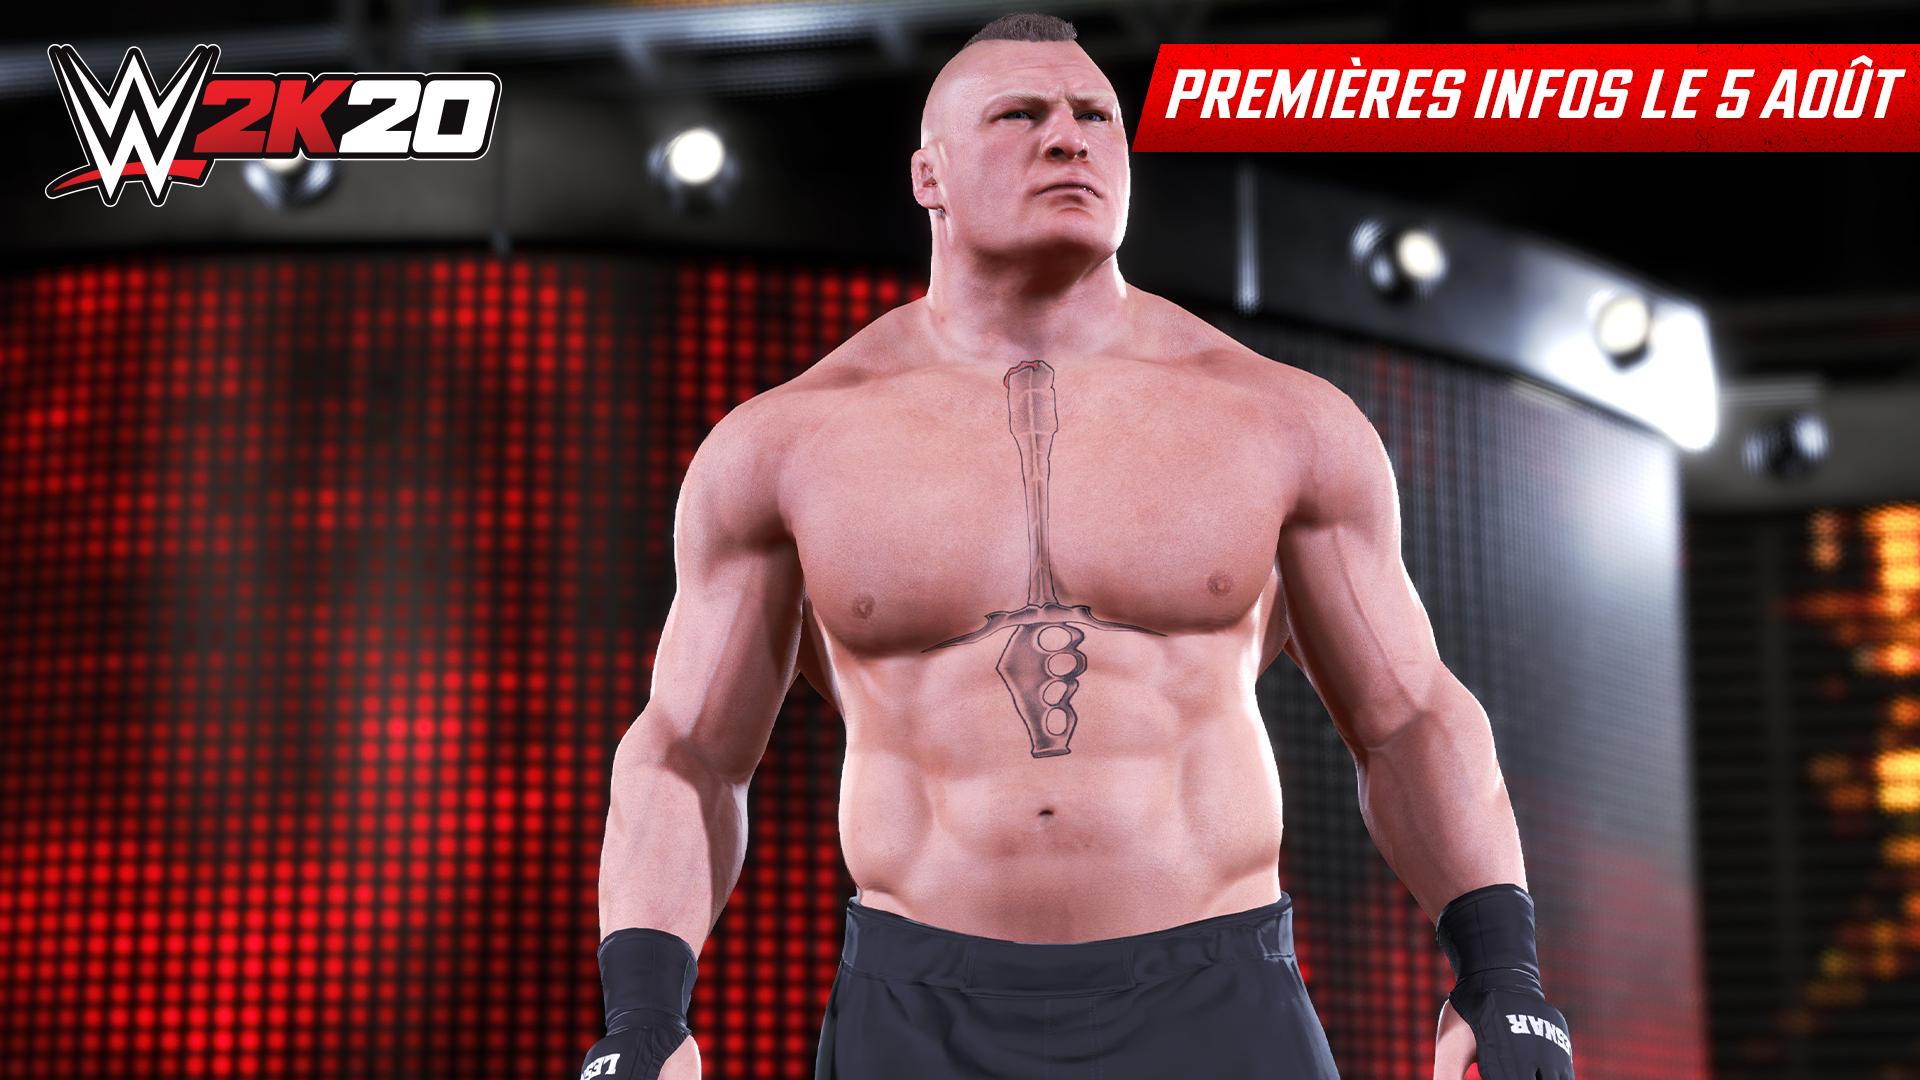 WWE 2K20 Xbox